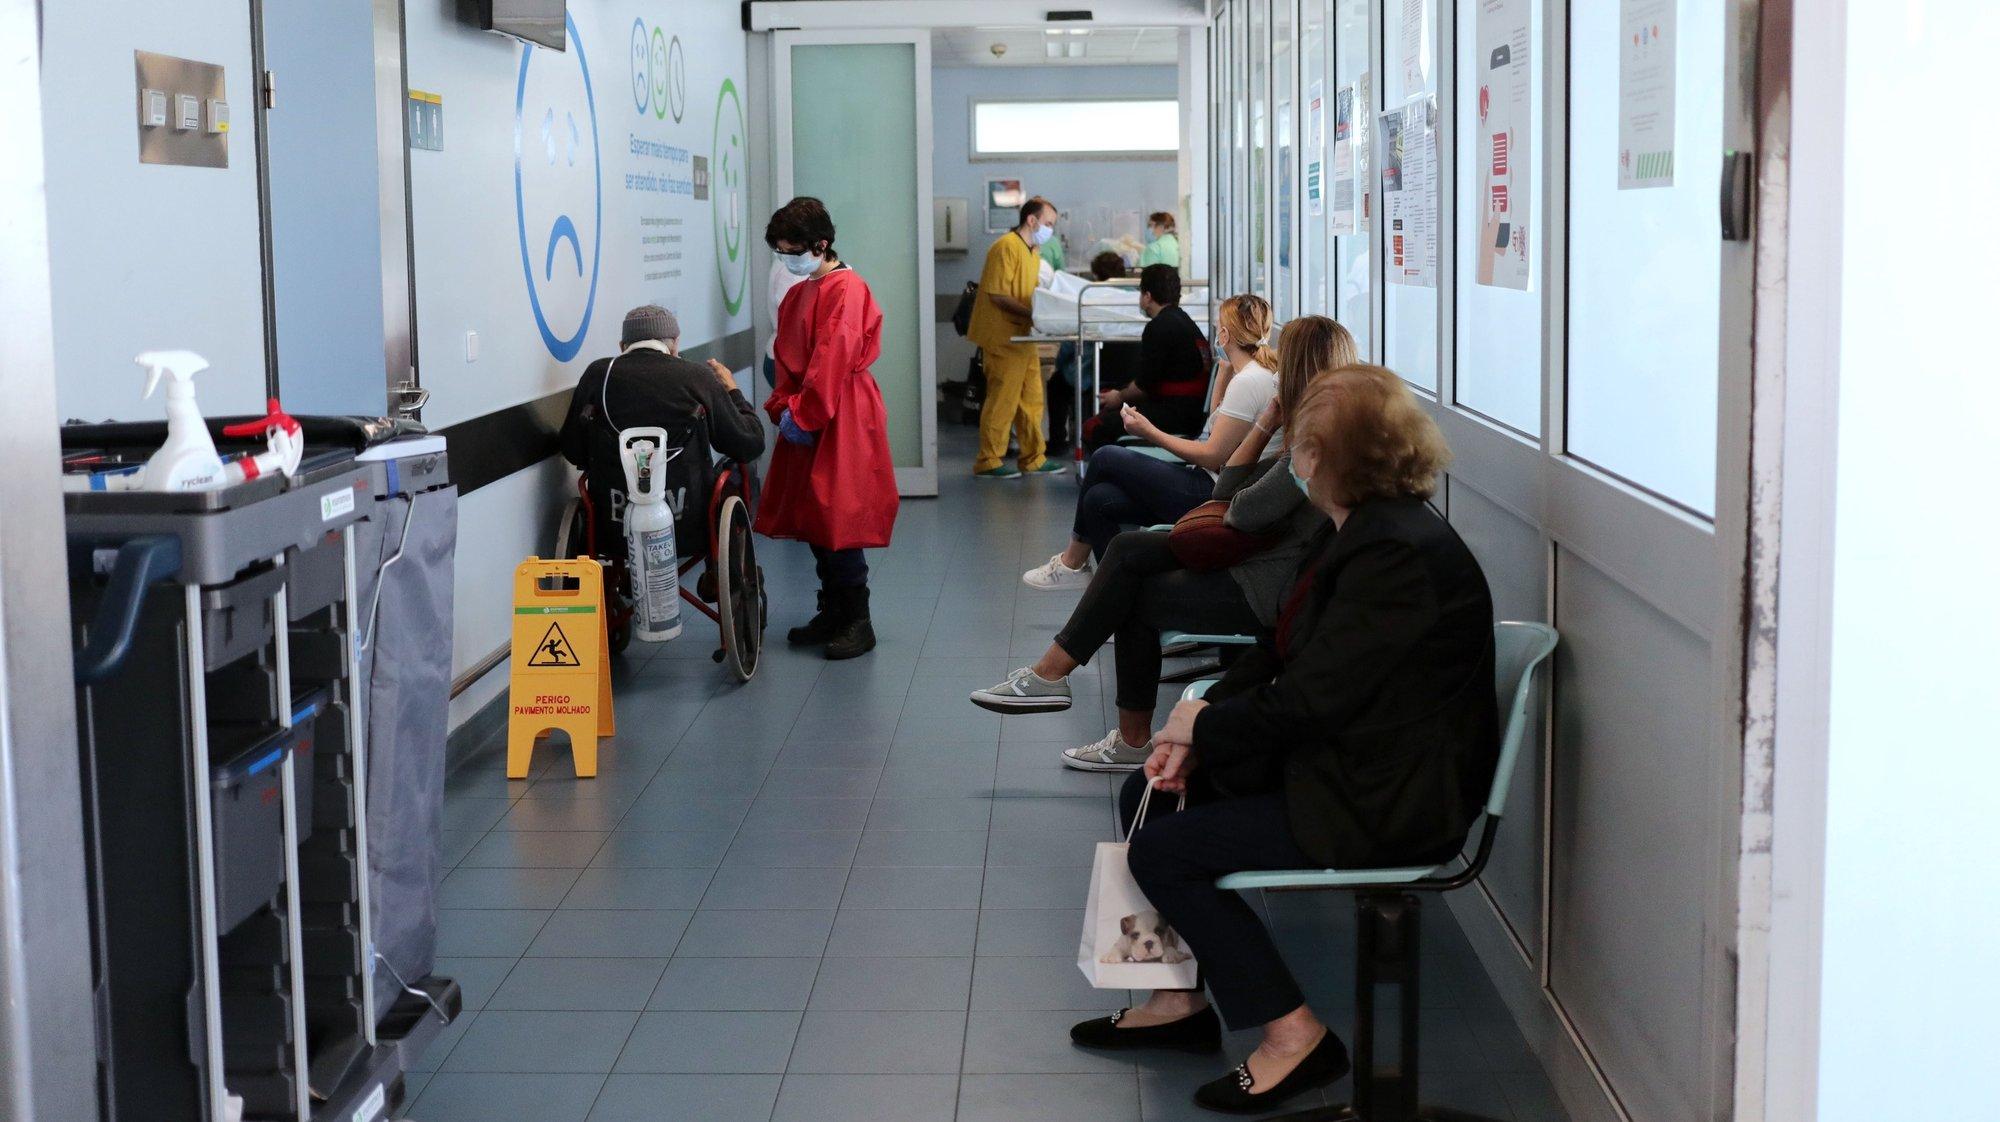 Sala de espera do serviço de urgência do Hospital de São João, no Porto, 06 de maio de 2020. A retoma da atividade regular no hospital do Porto, onde a 02 de março foi detetado o primeiro caso da covid-19 em Portugal, introduziu rotinas novas como a medição de temperatura e circuitos de triagem que, desejam os responsáveis, perdurarão no pós-pandemia. (ACOMPANHA TEXTO DO DIA 08 DE MAIO DE 2020). ESTELA SILVA/LUSA